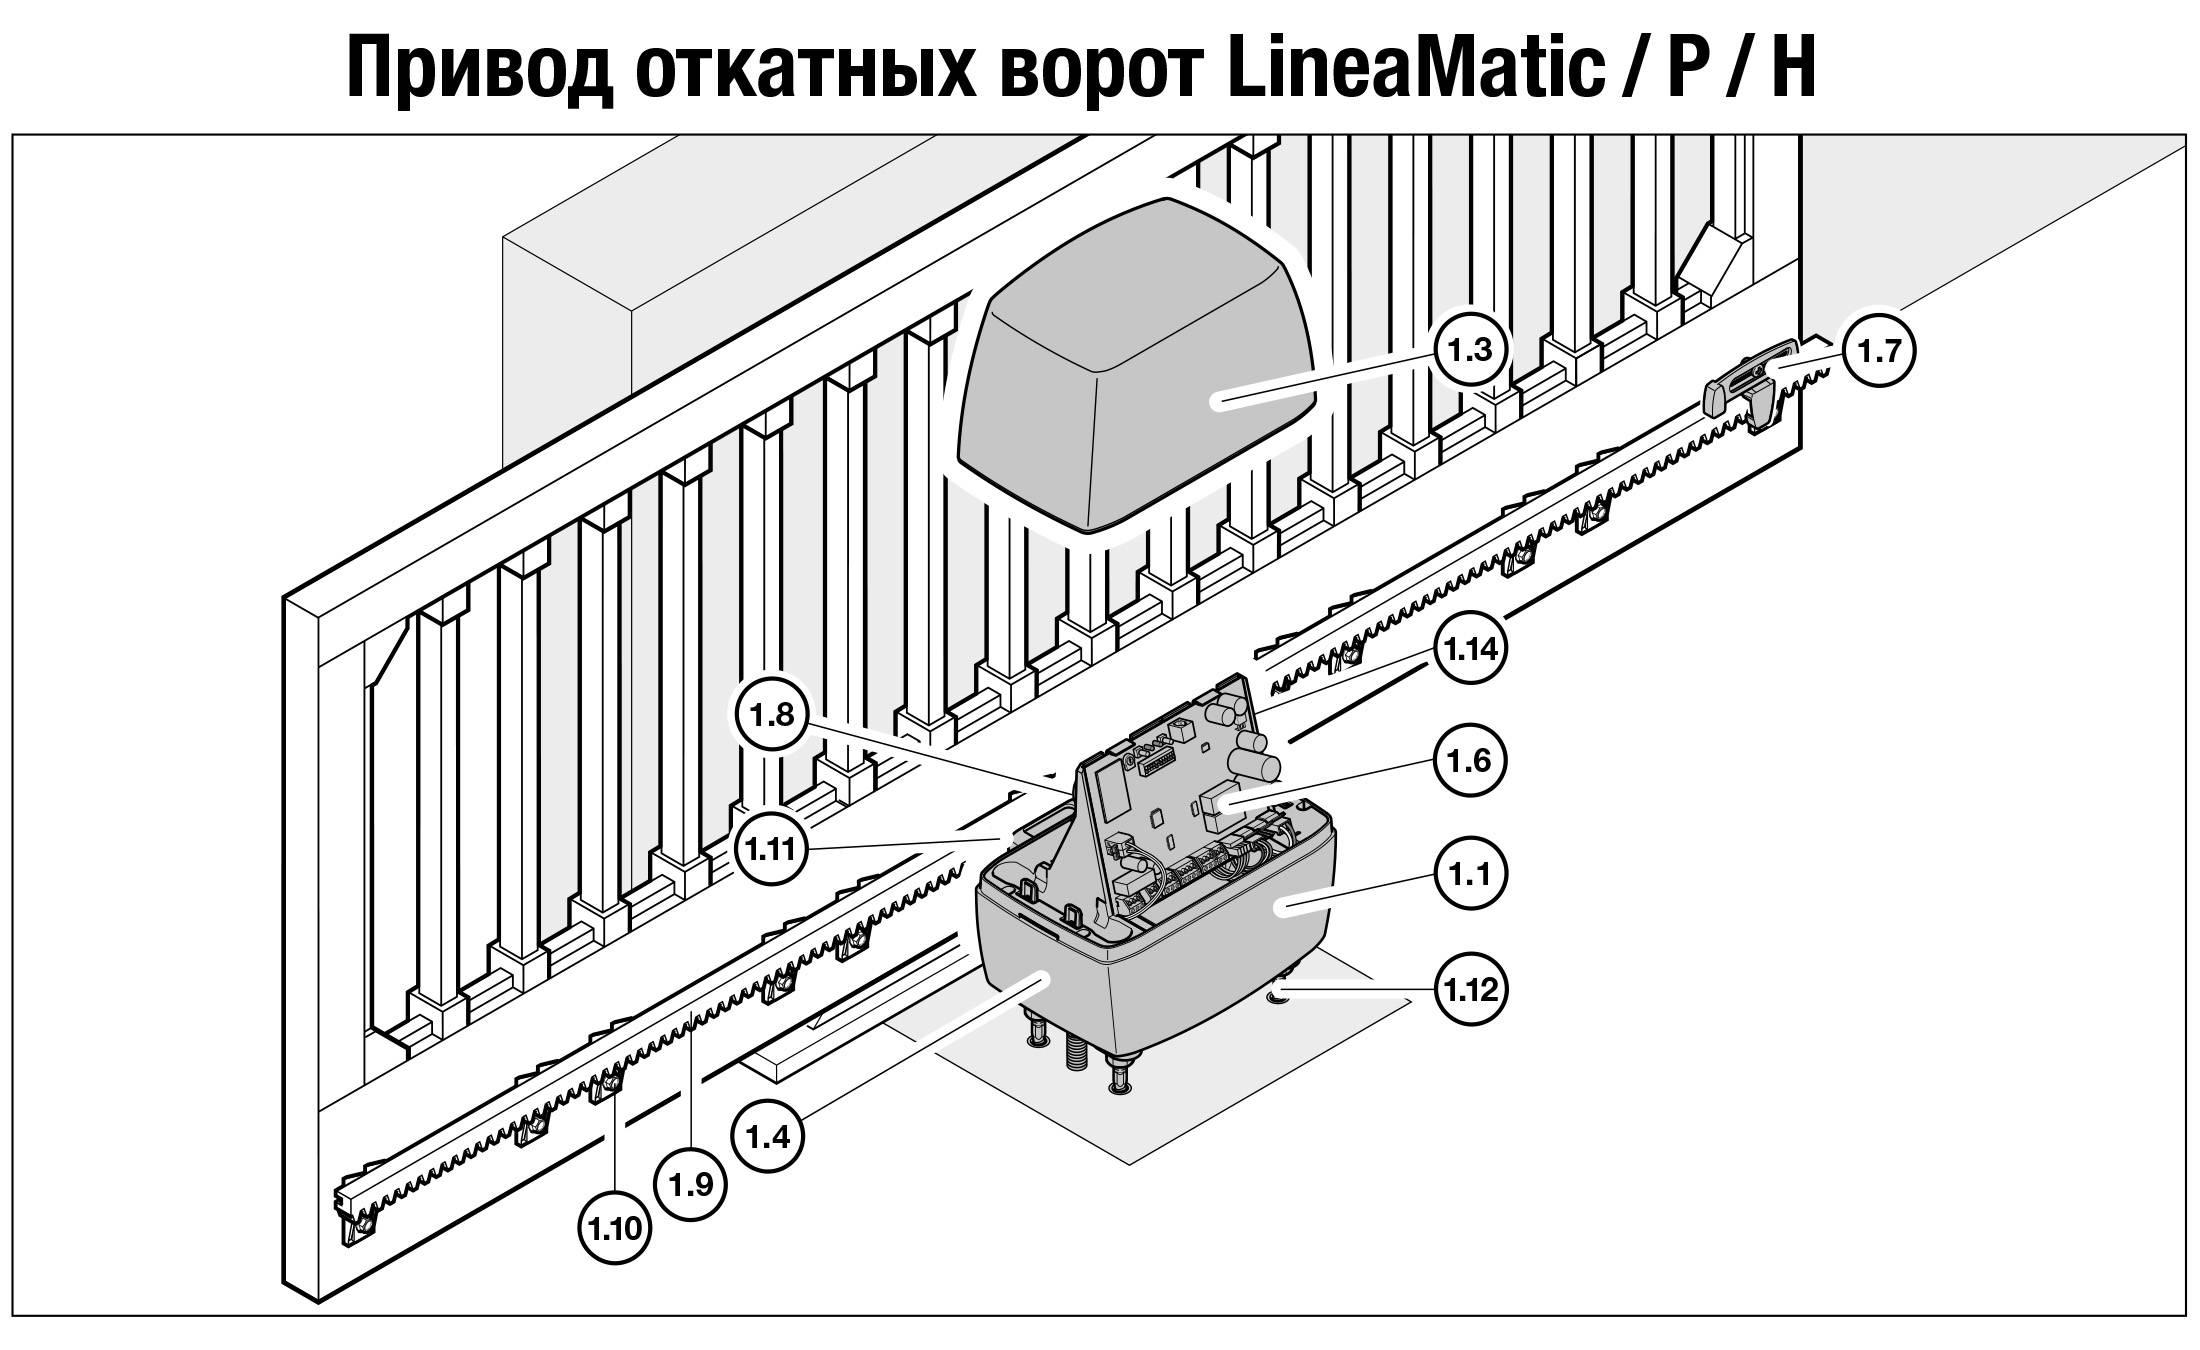 Автоматика для распашных ворот с открытием наружу: поясняем во всех подробностях